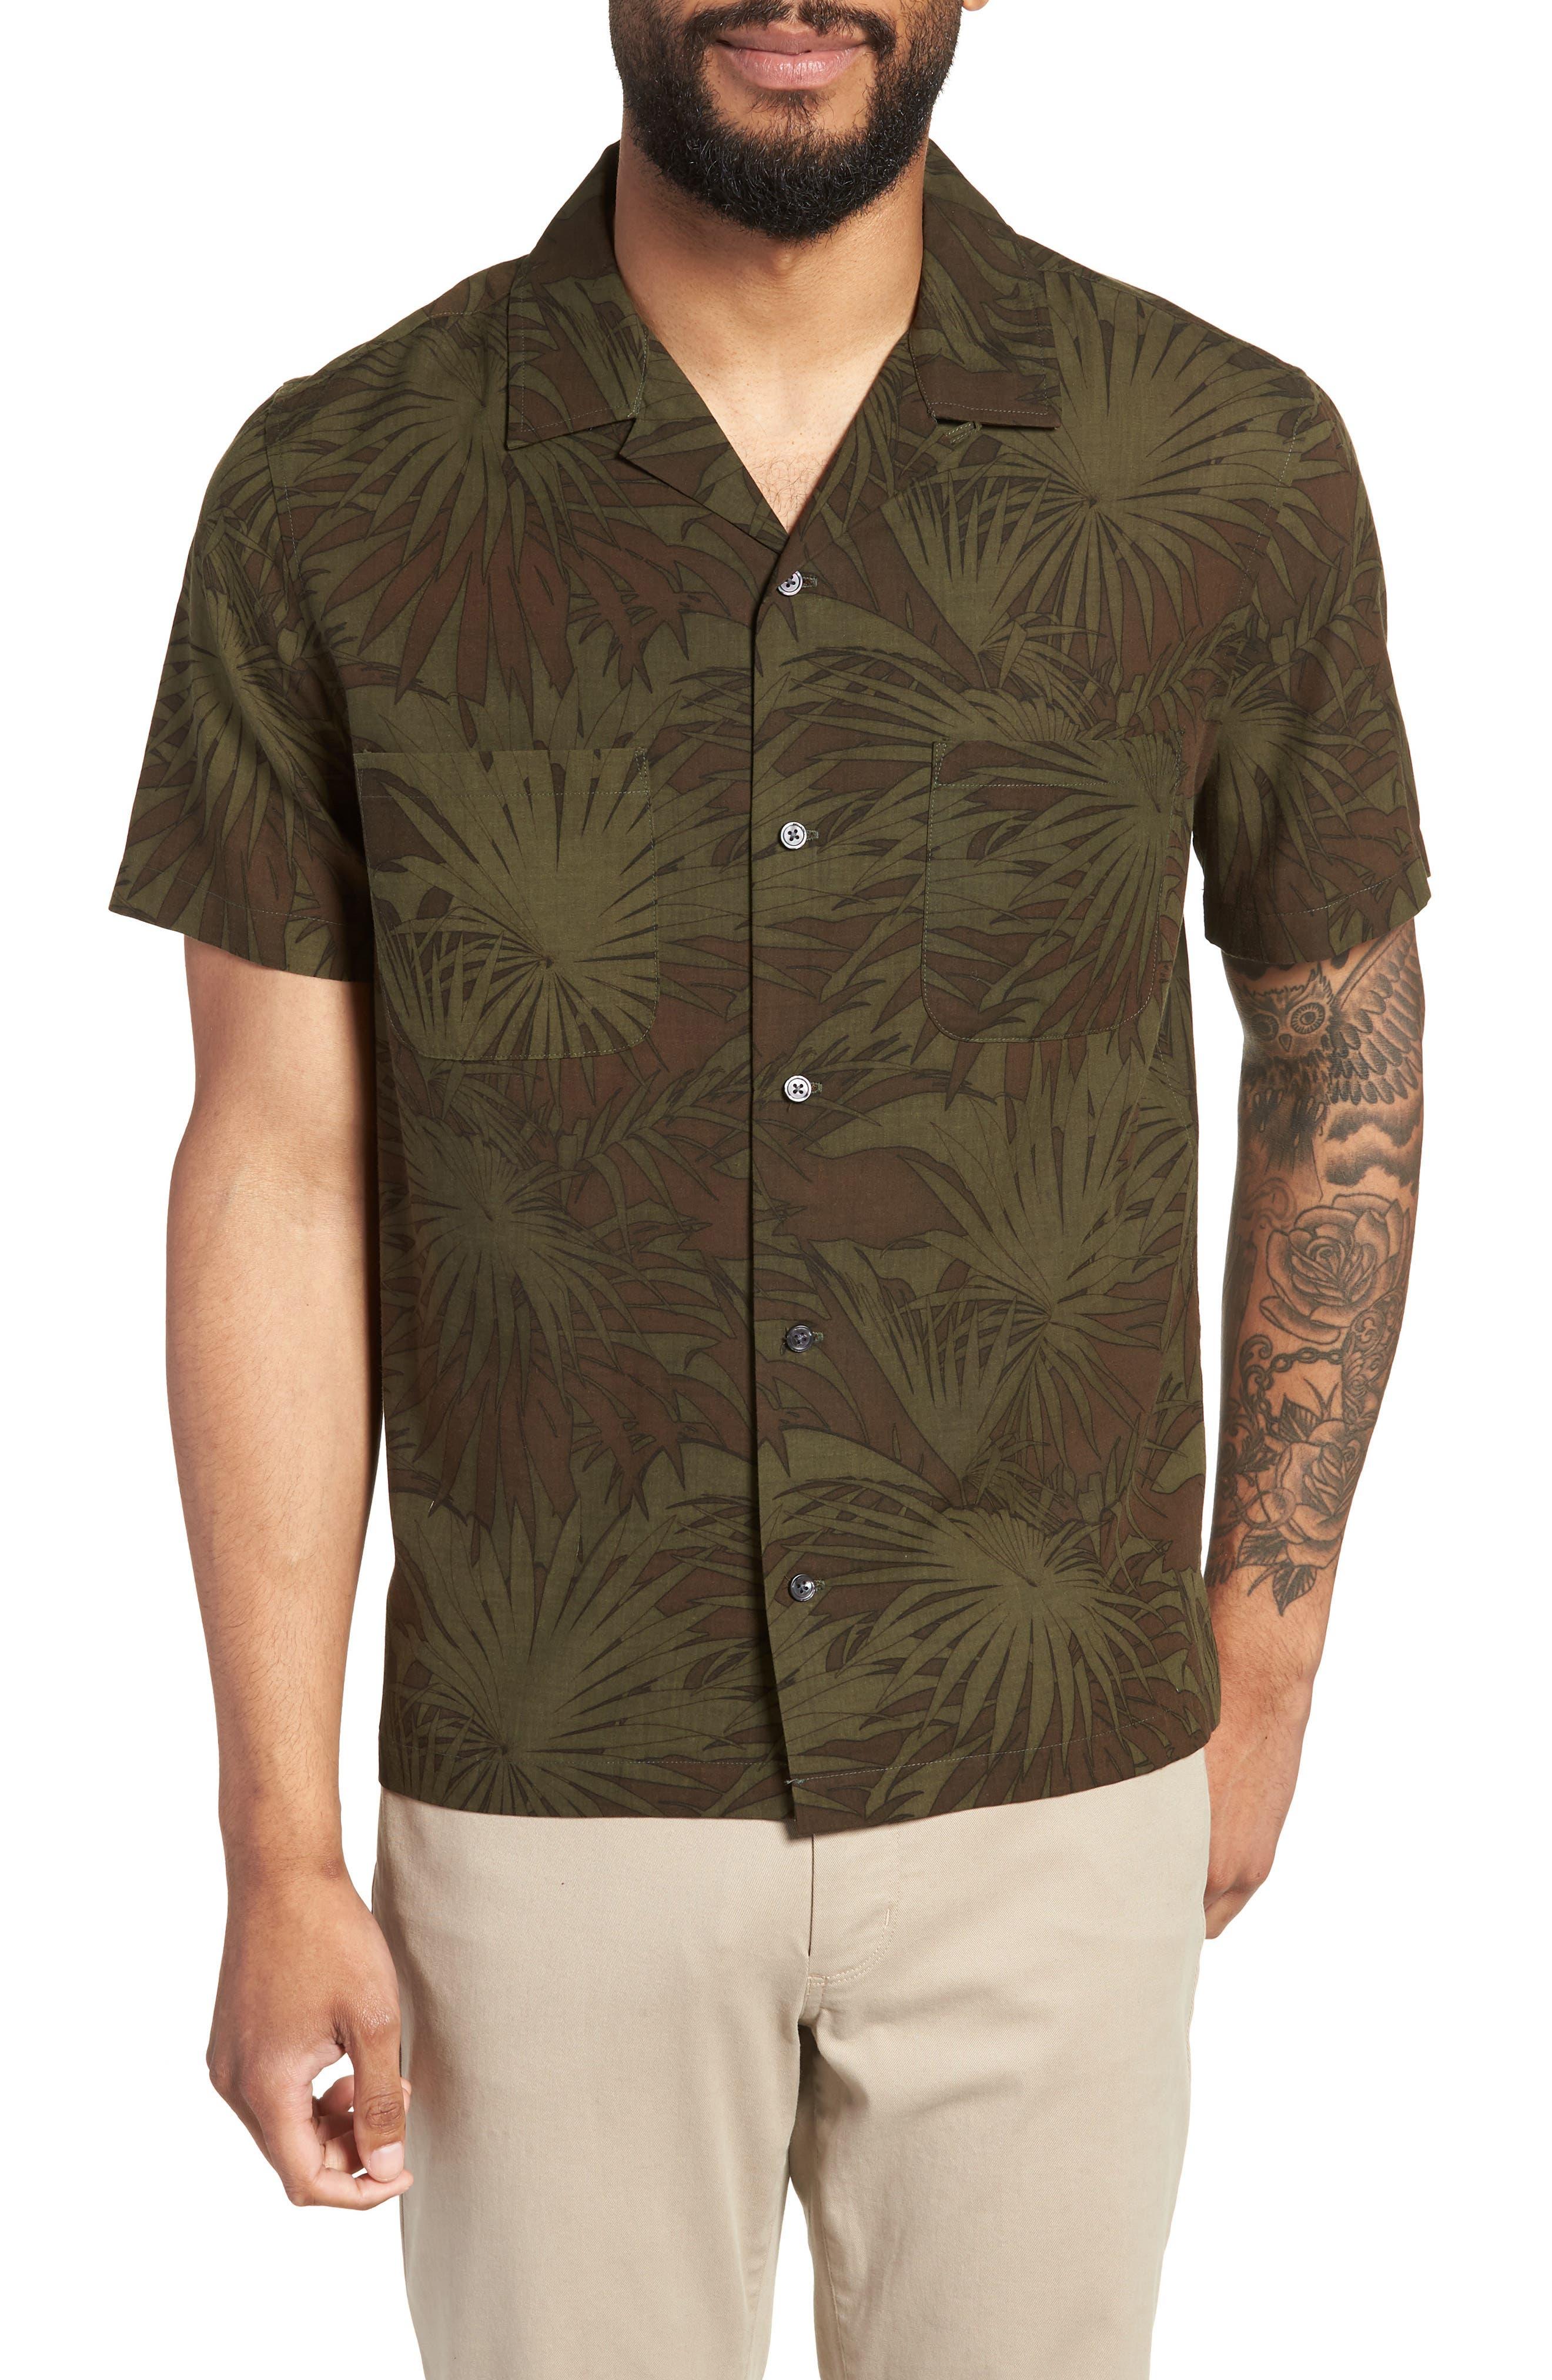 Palm Leaf Cabana Woven Shirt,                         Main,                         color, FOLIAGE/ DRIED HERB